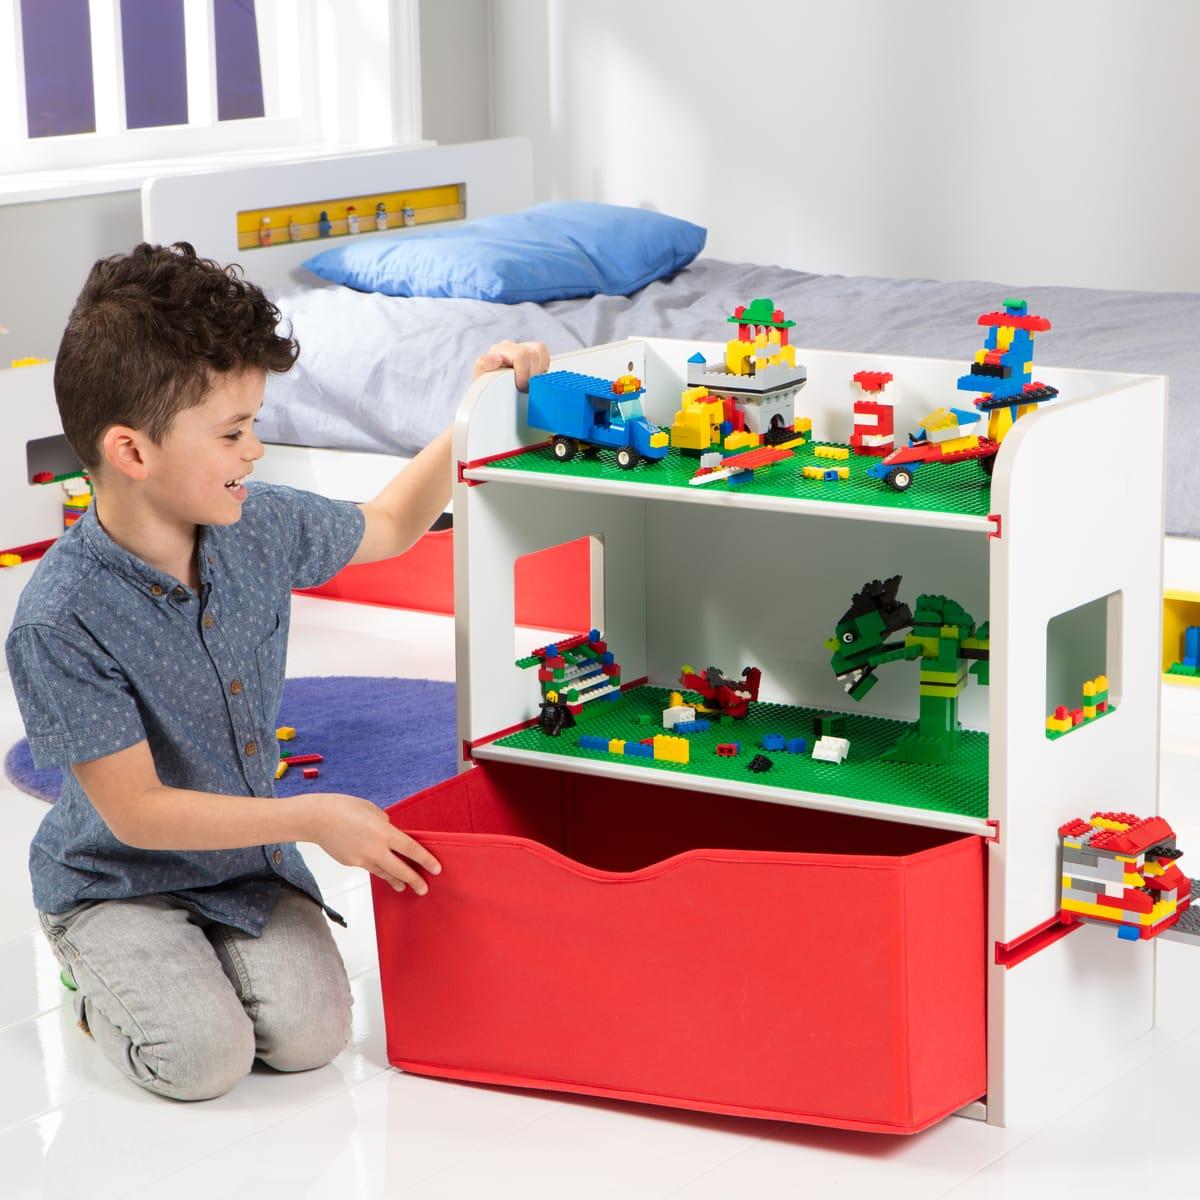 Table de chevet récréative avec étagères de rangement Lego Room 2 Build